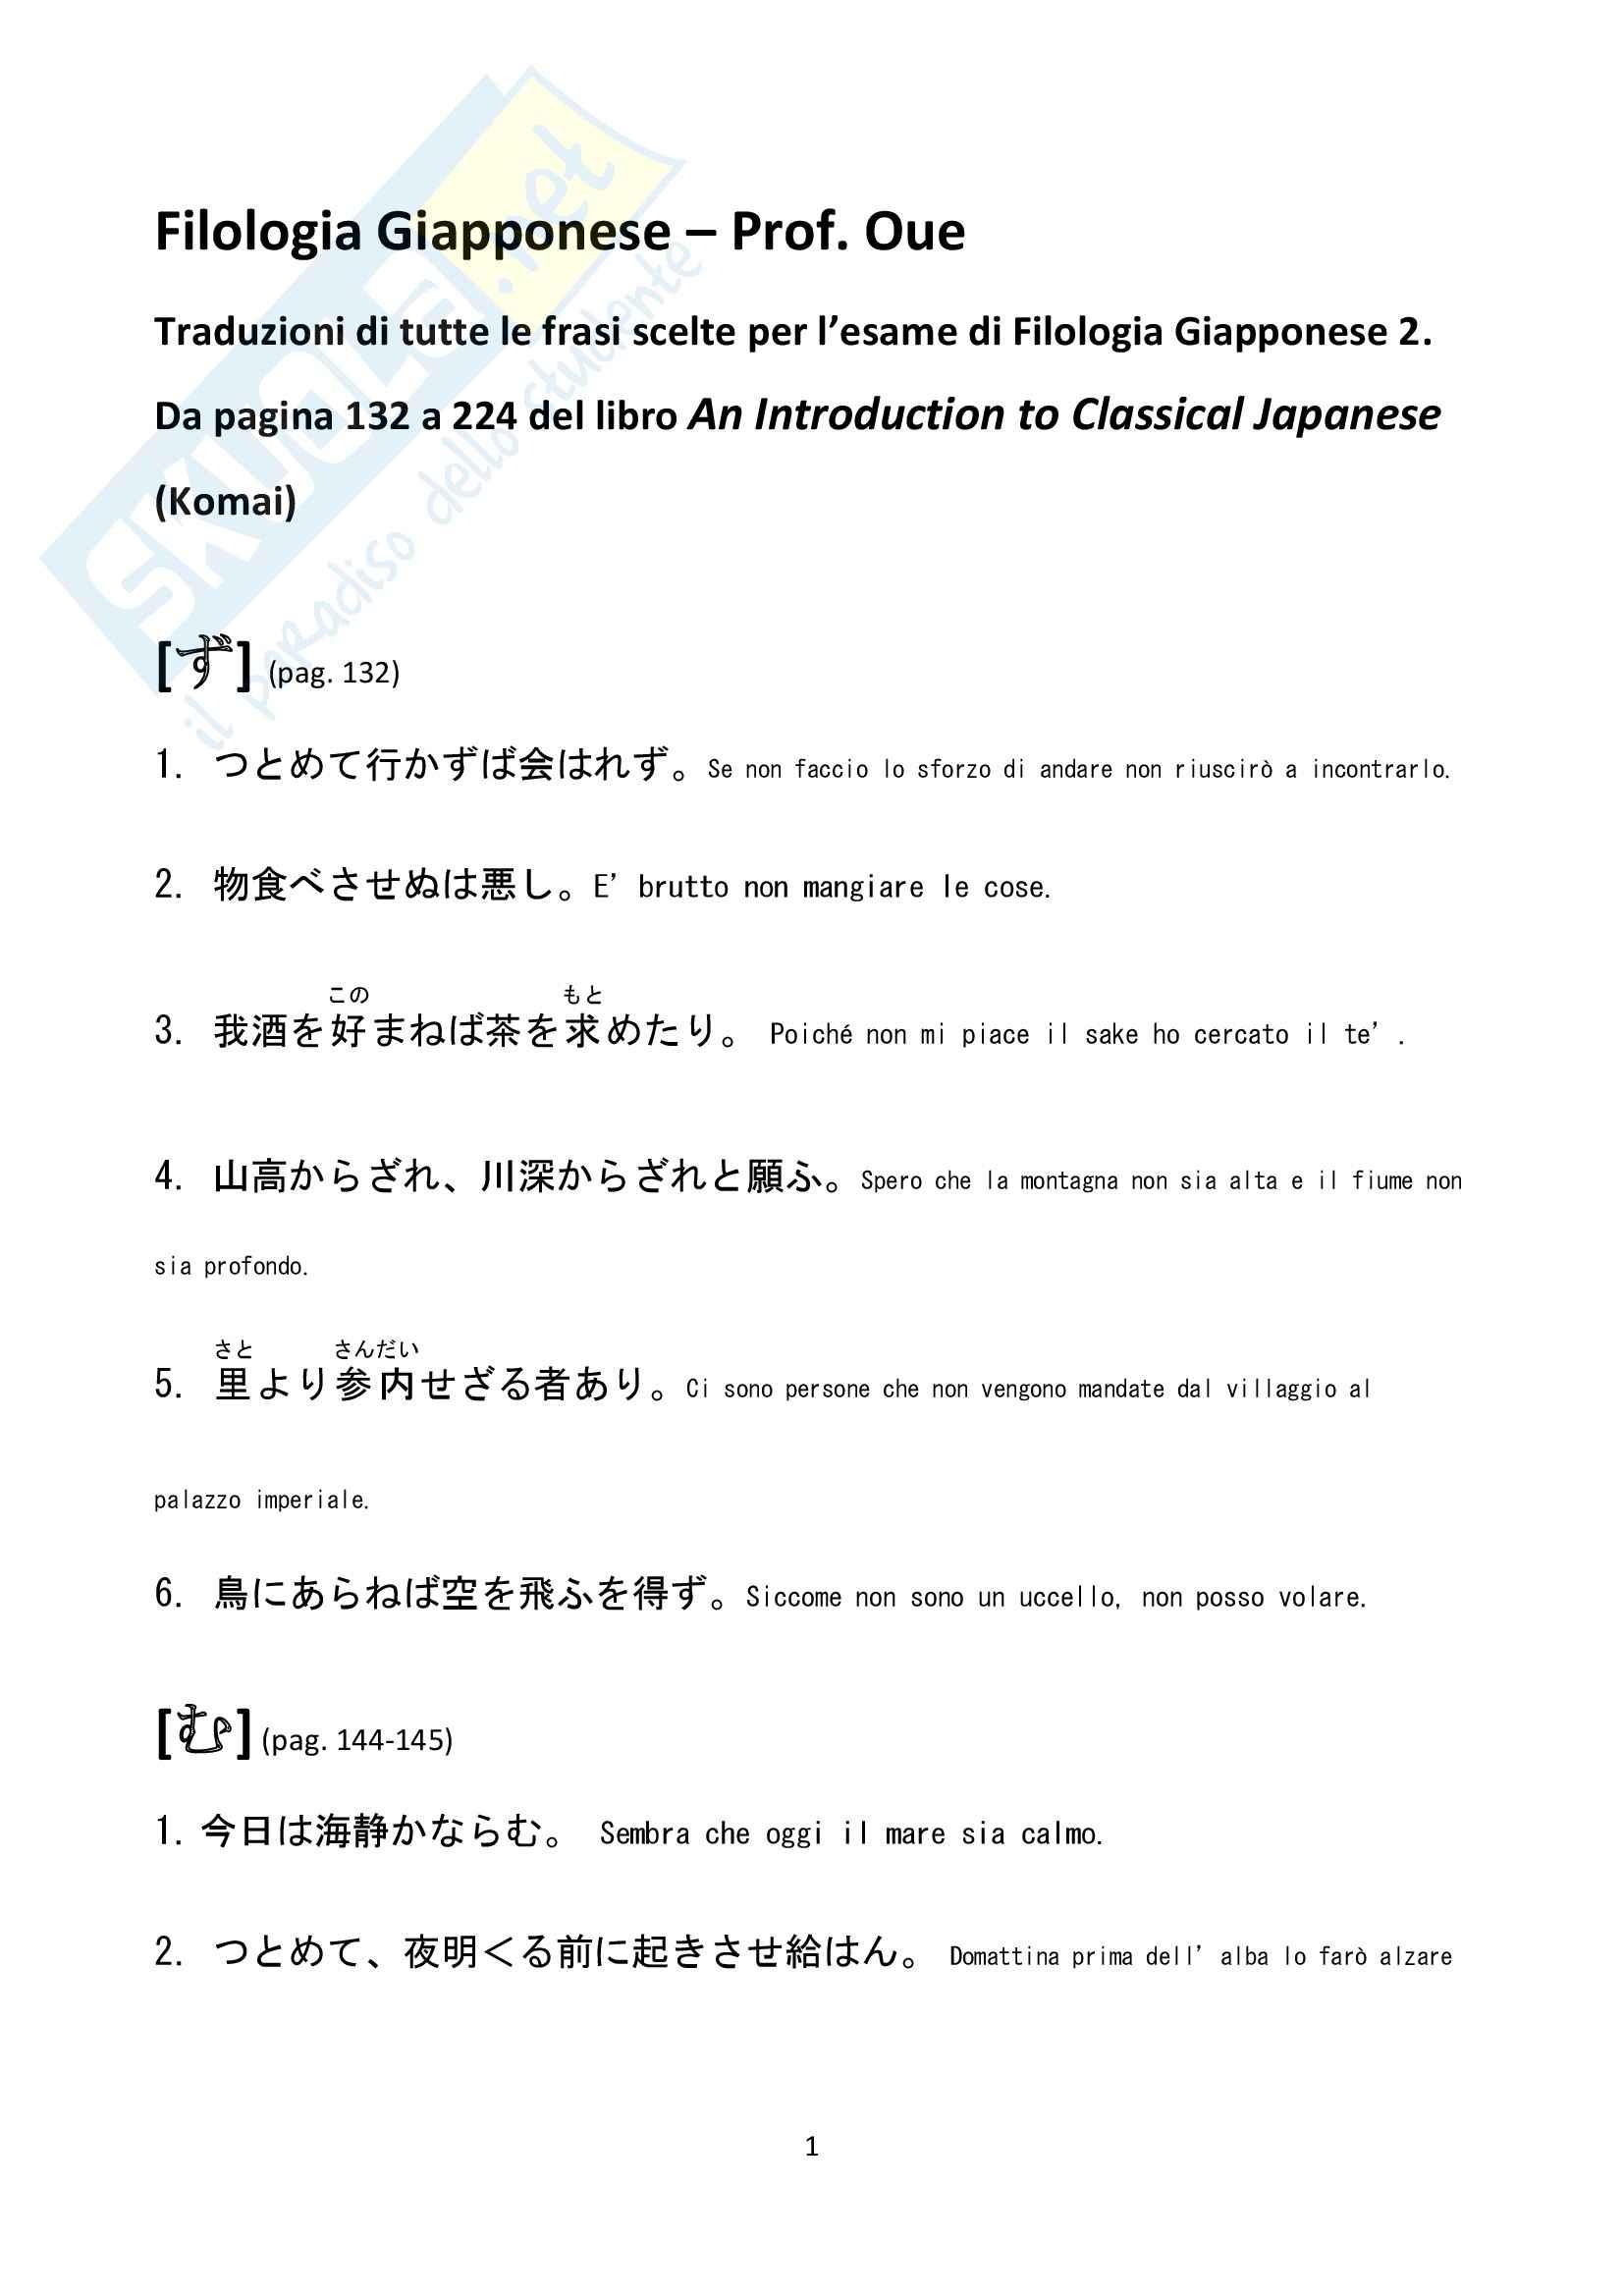 Frasi, Filologia Giapponese